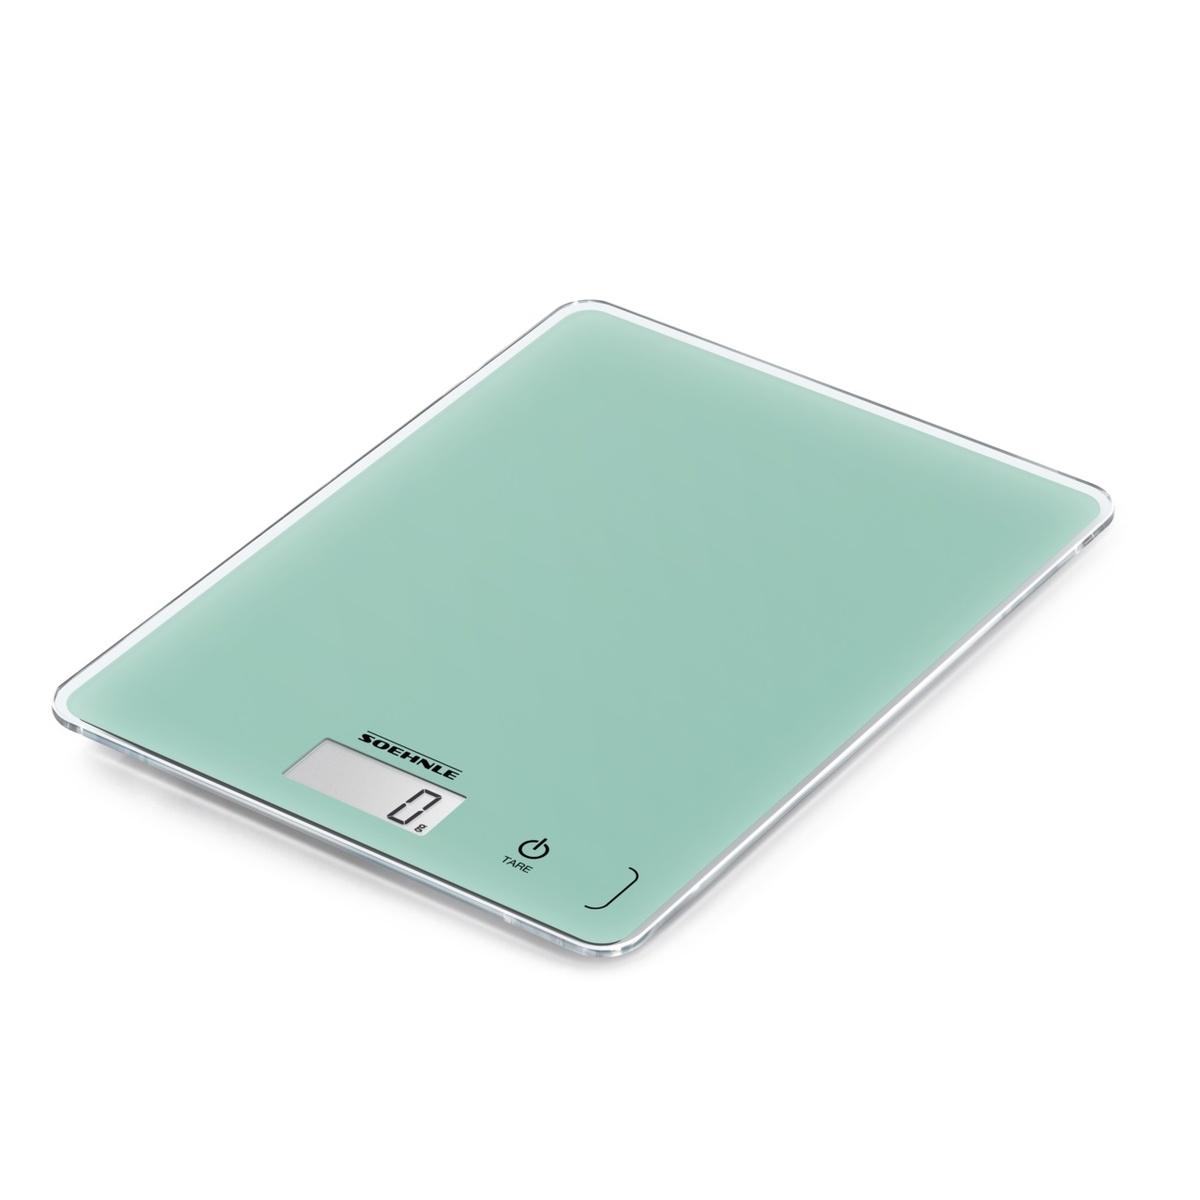 Digitální kuchyňská váha Page Compact 300 Mint